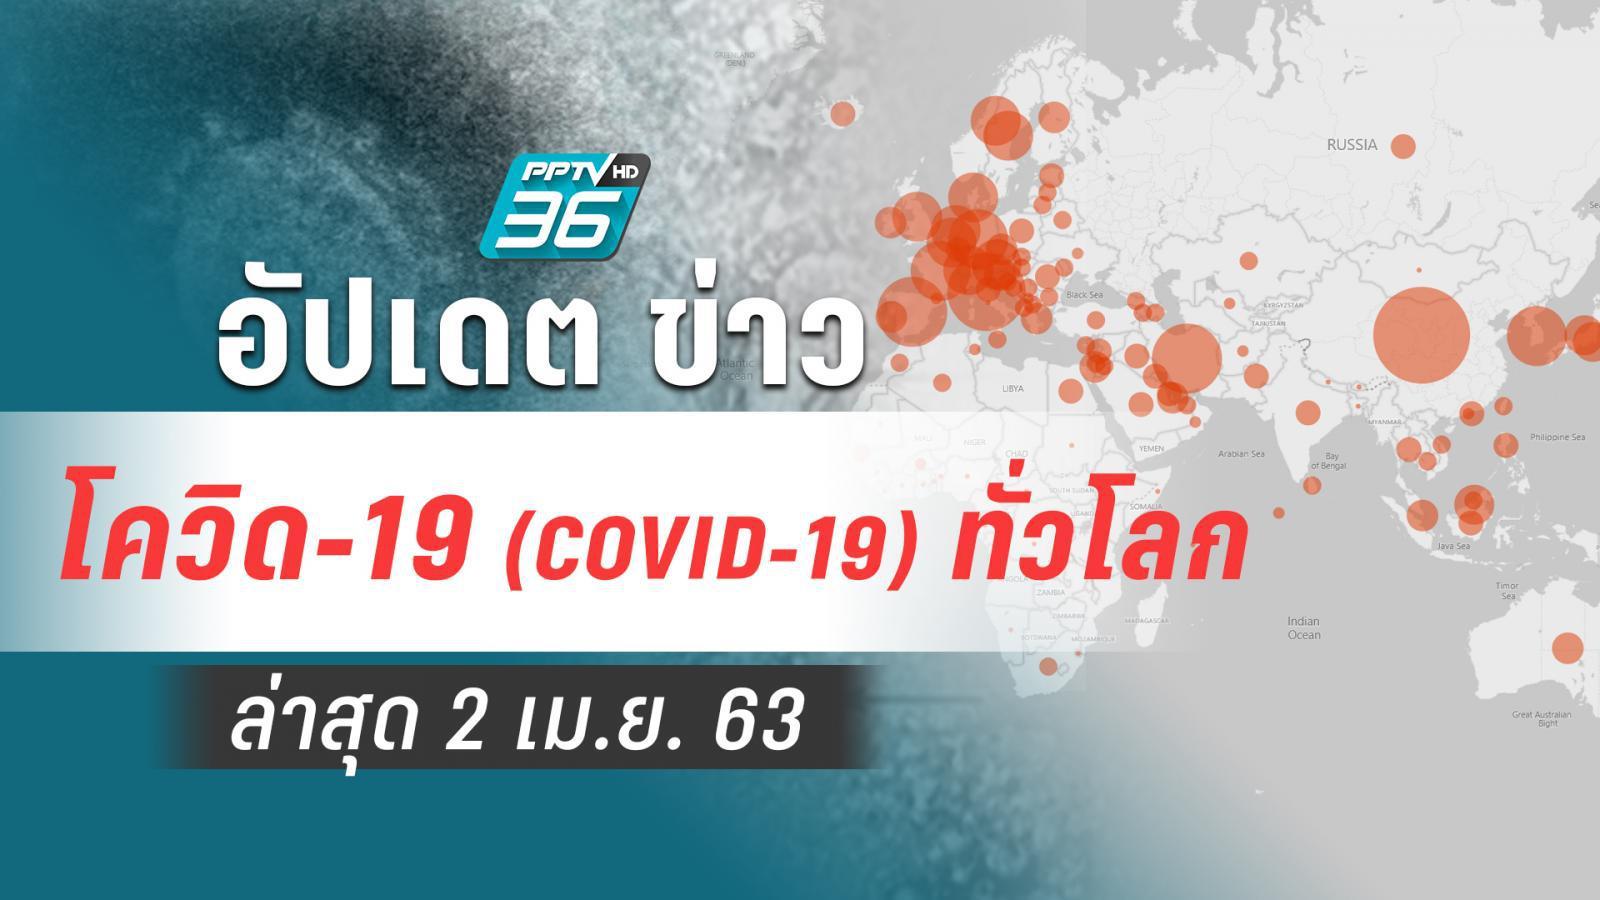 อัปเดตข่าว สถานการณ์ โควิด-19 ทั่วโลก ล่าสุด 2 เม.ย. 63